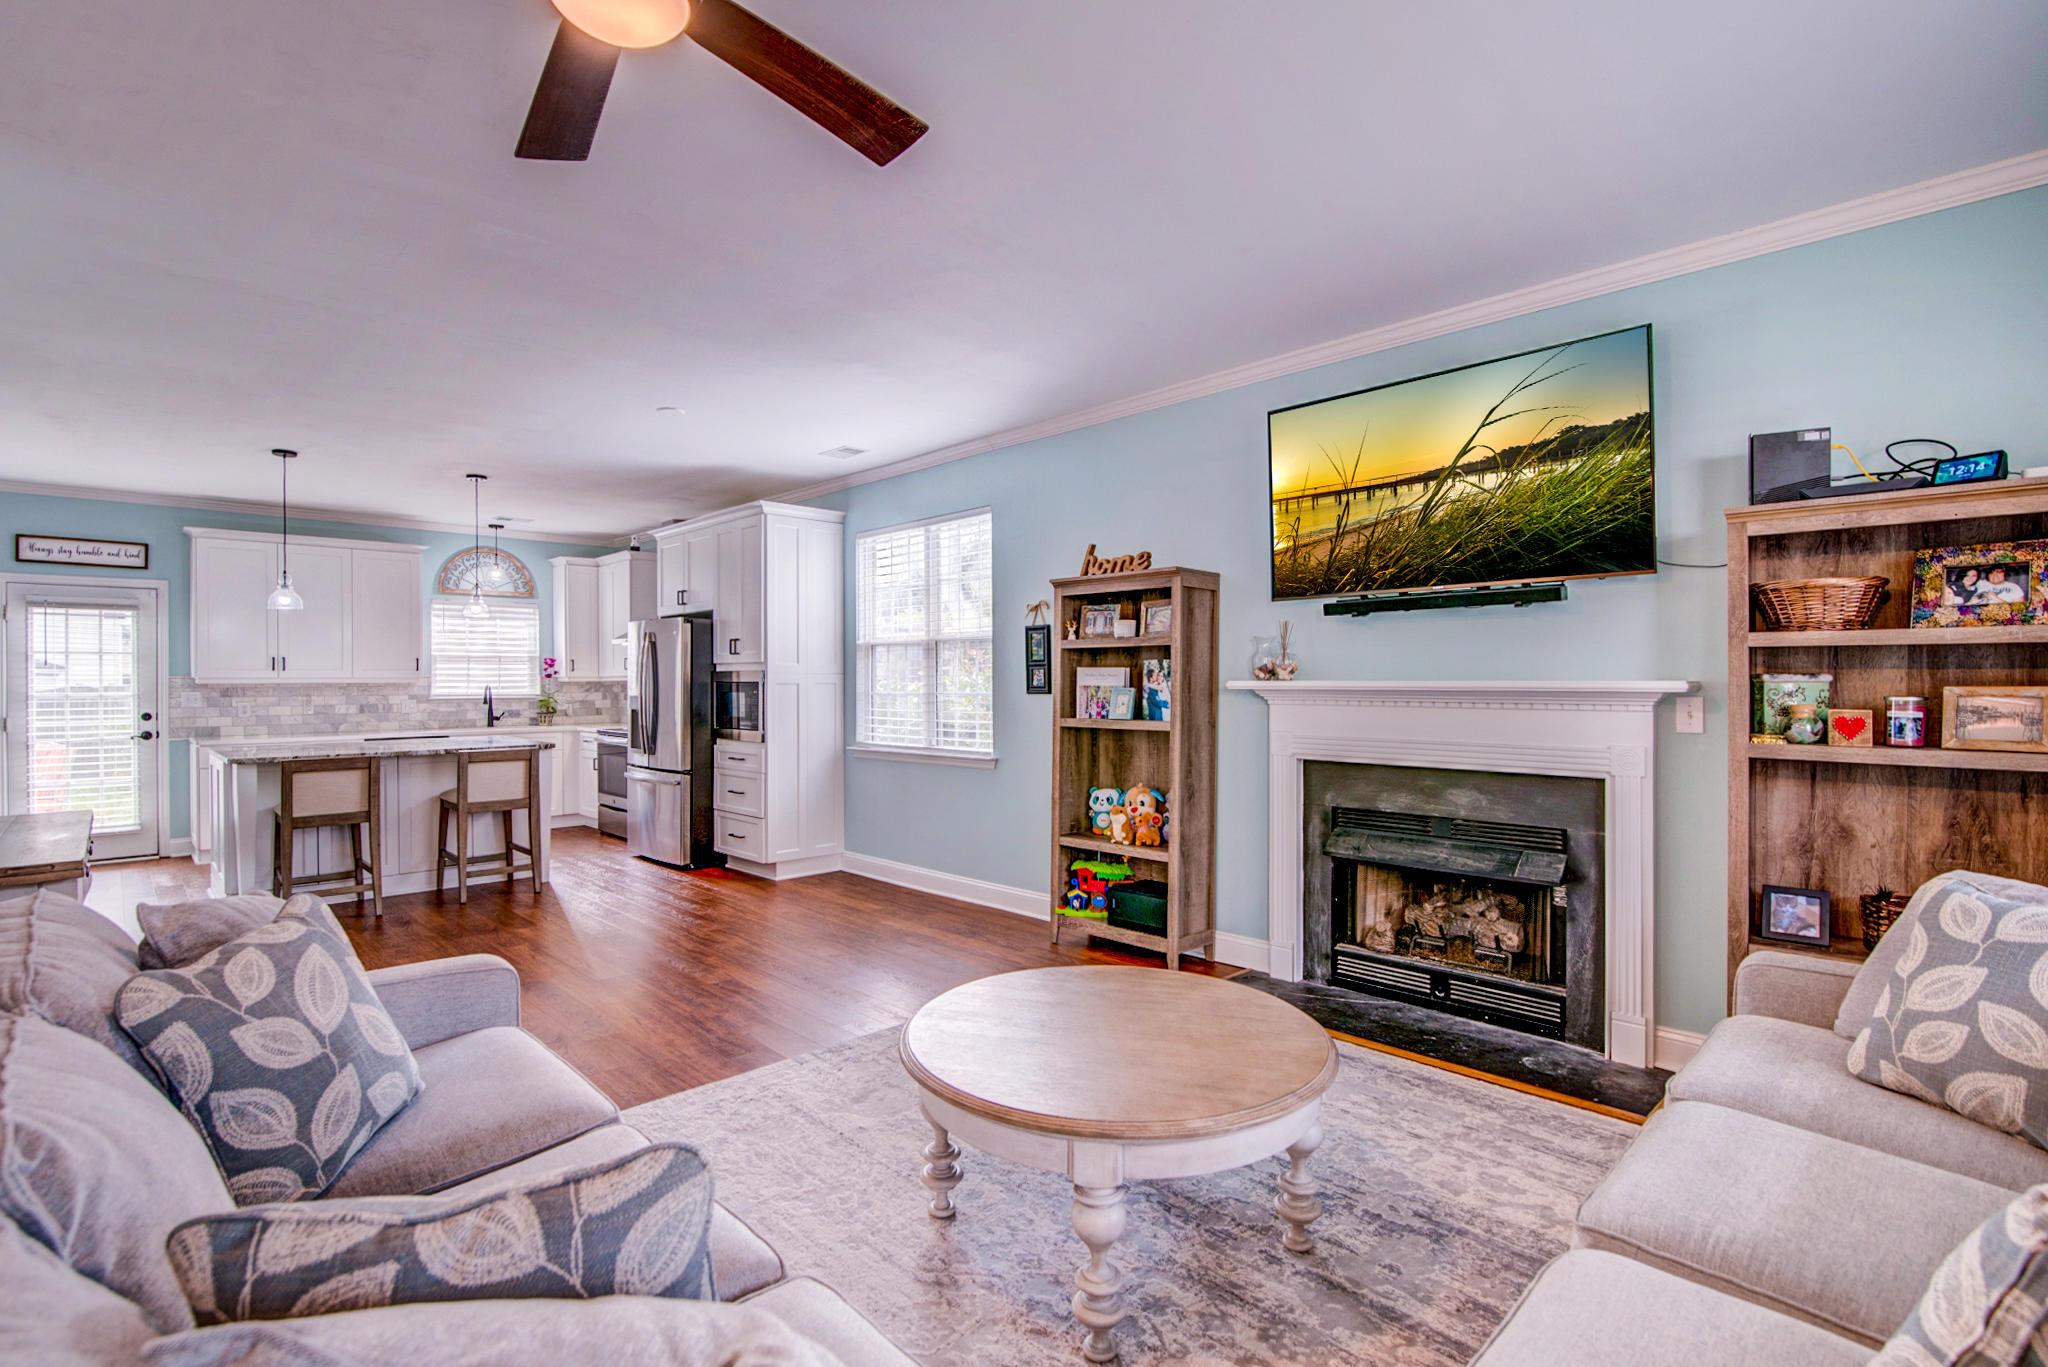 Jamestowne Village Homes For Sale - 1480 Swamp Fox, Charleston, SC - 15